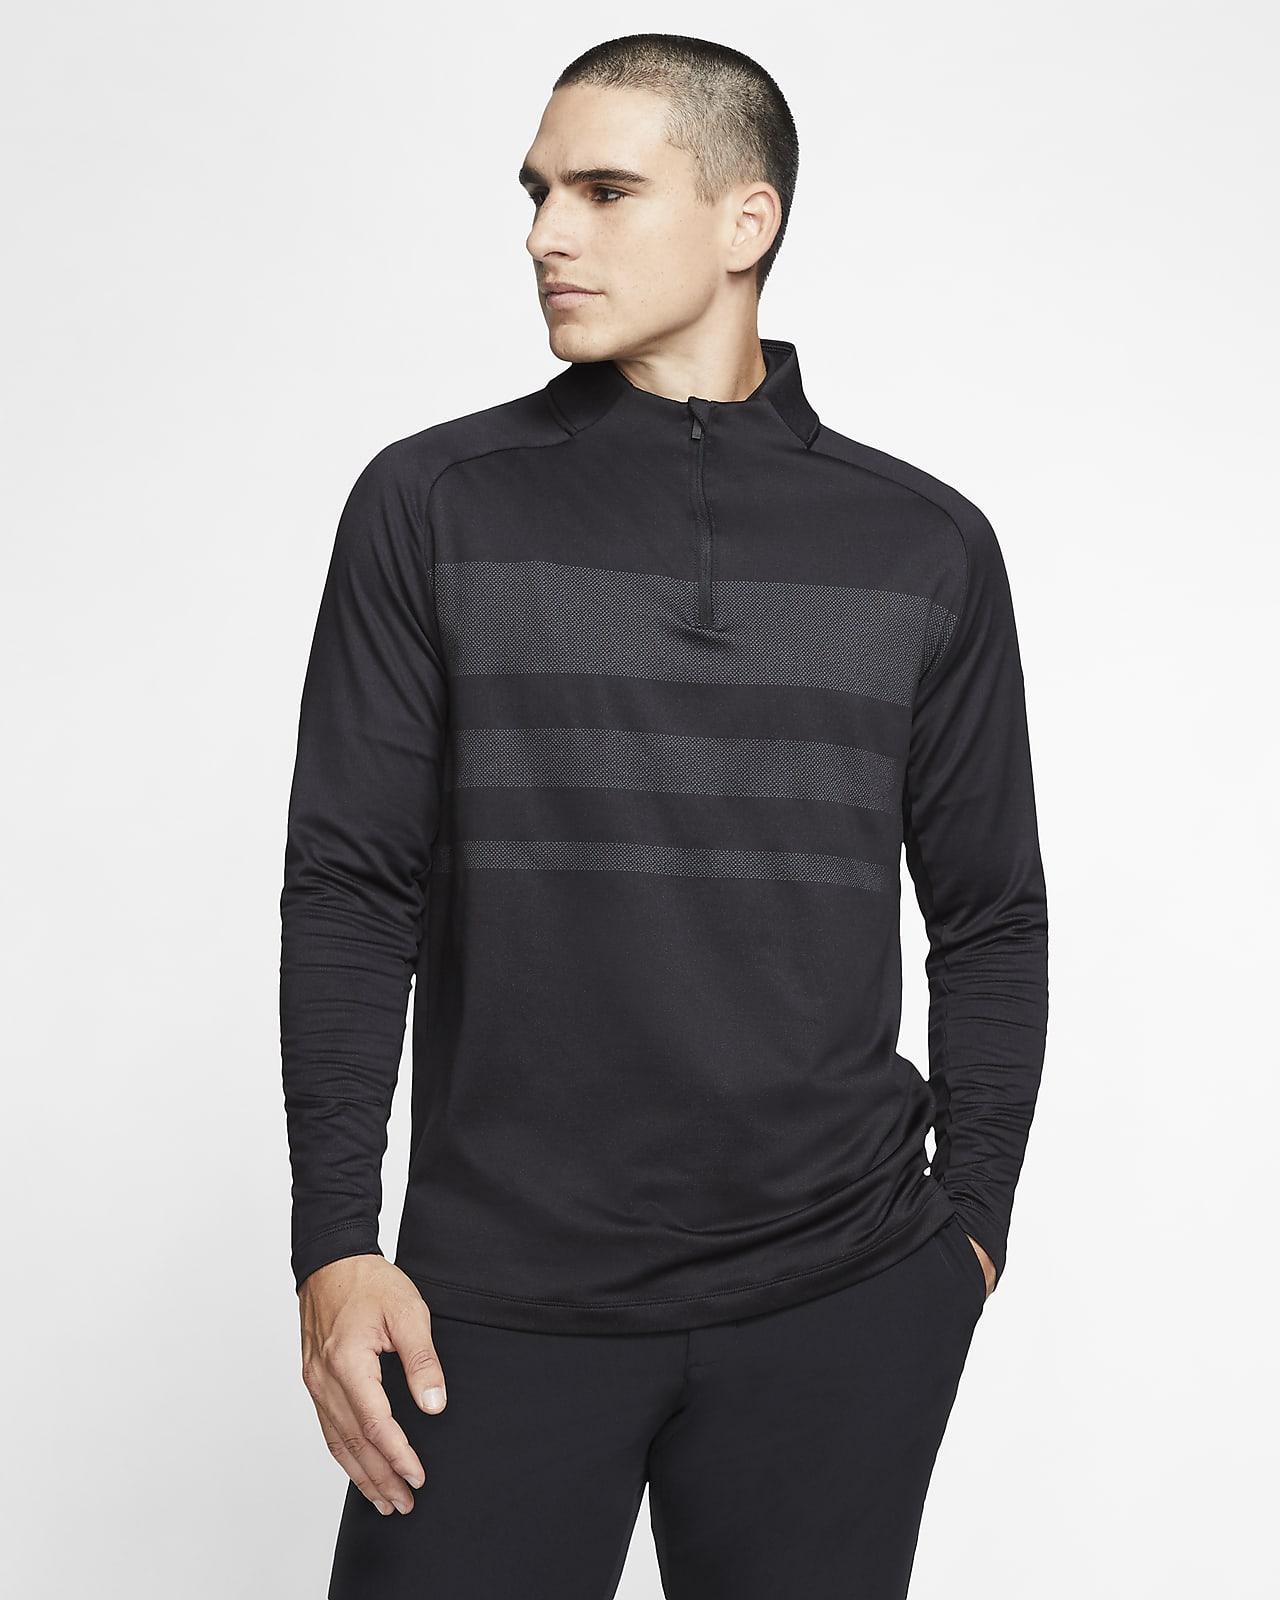 Maglia da golf con zip a metà lunghezza Nike Dri-FIT Vapor - Uomo